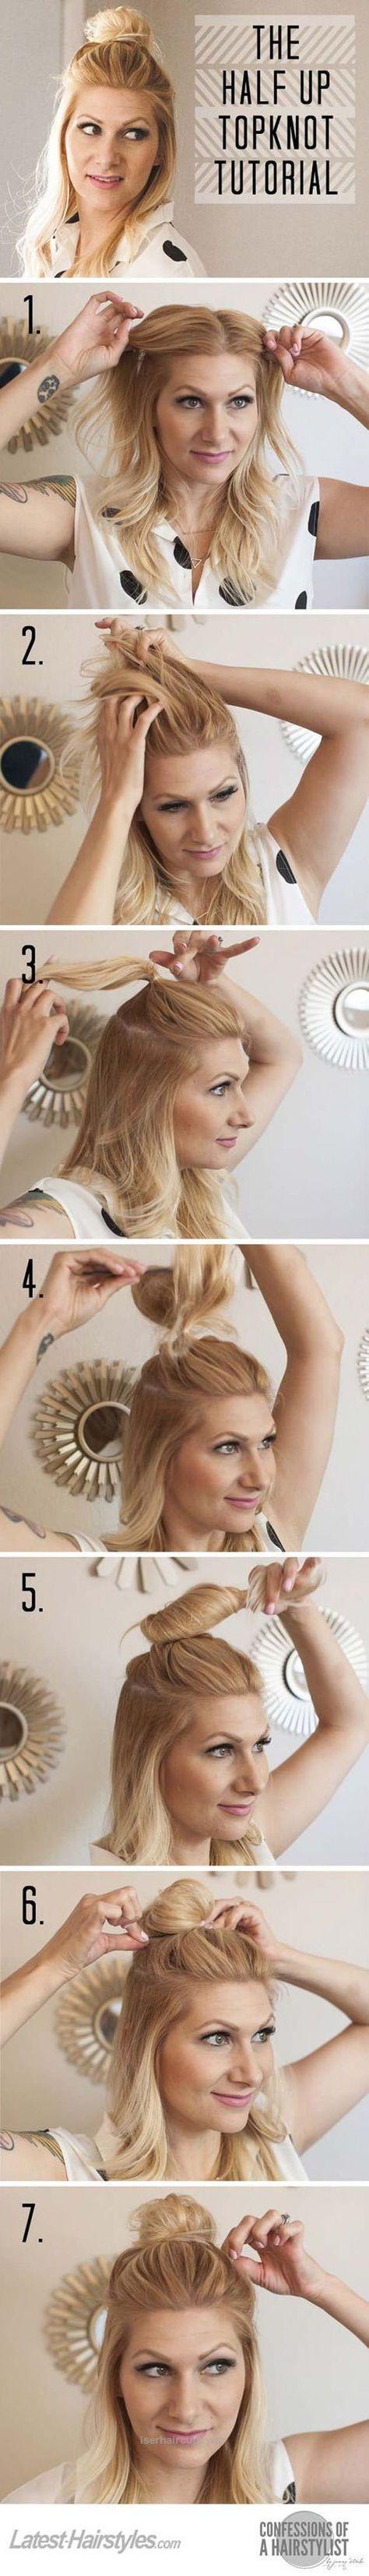 Sehen Sie sich diese coolen und einfachen DIY-Frisuren an - Der Half Up Top Knot ...  #coolen #diese #einfachen #frisuren #sehen #braidedtopknots